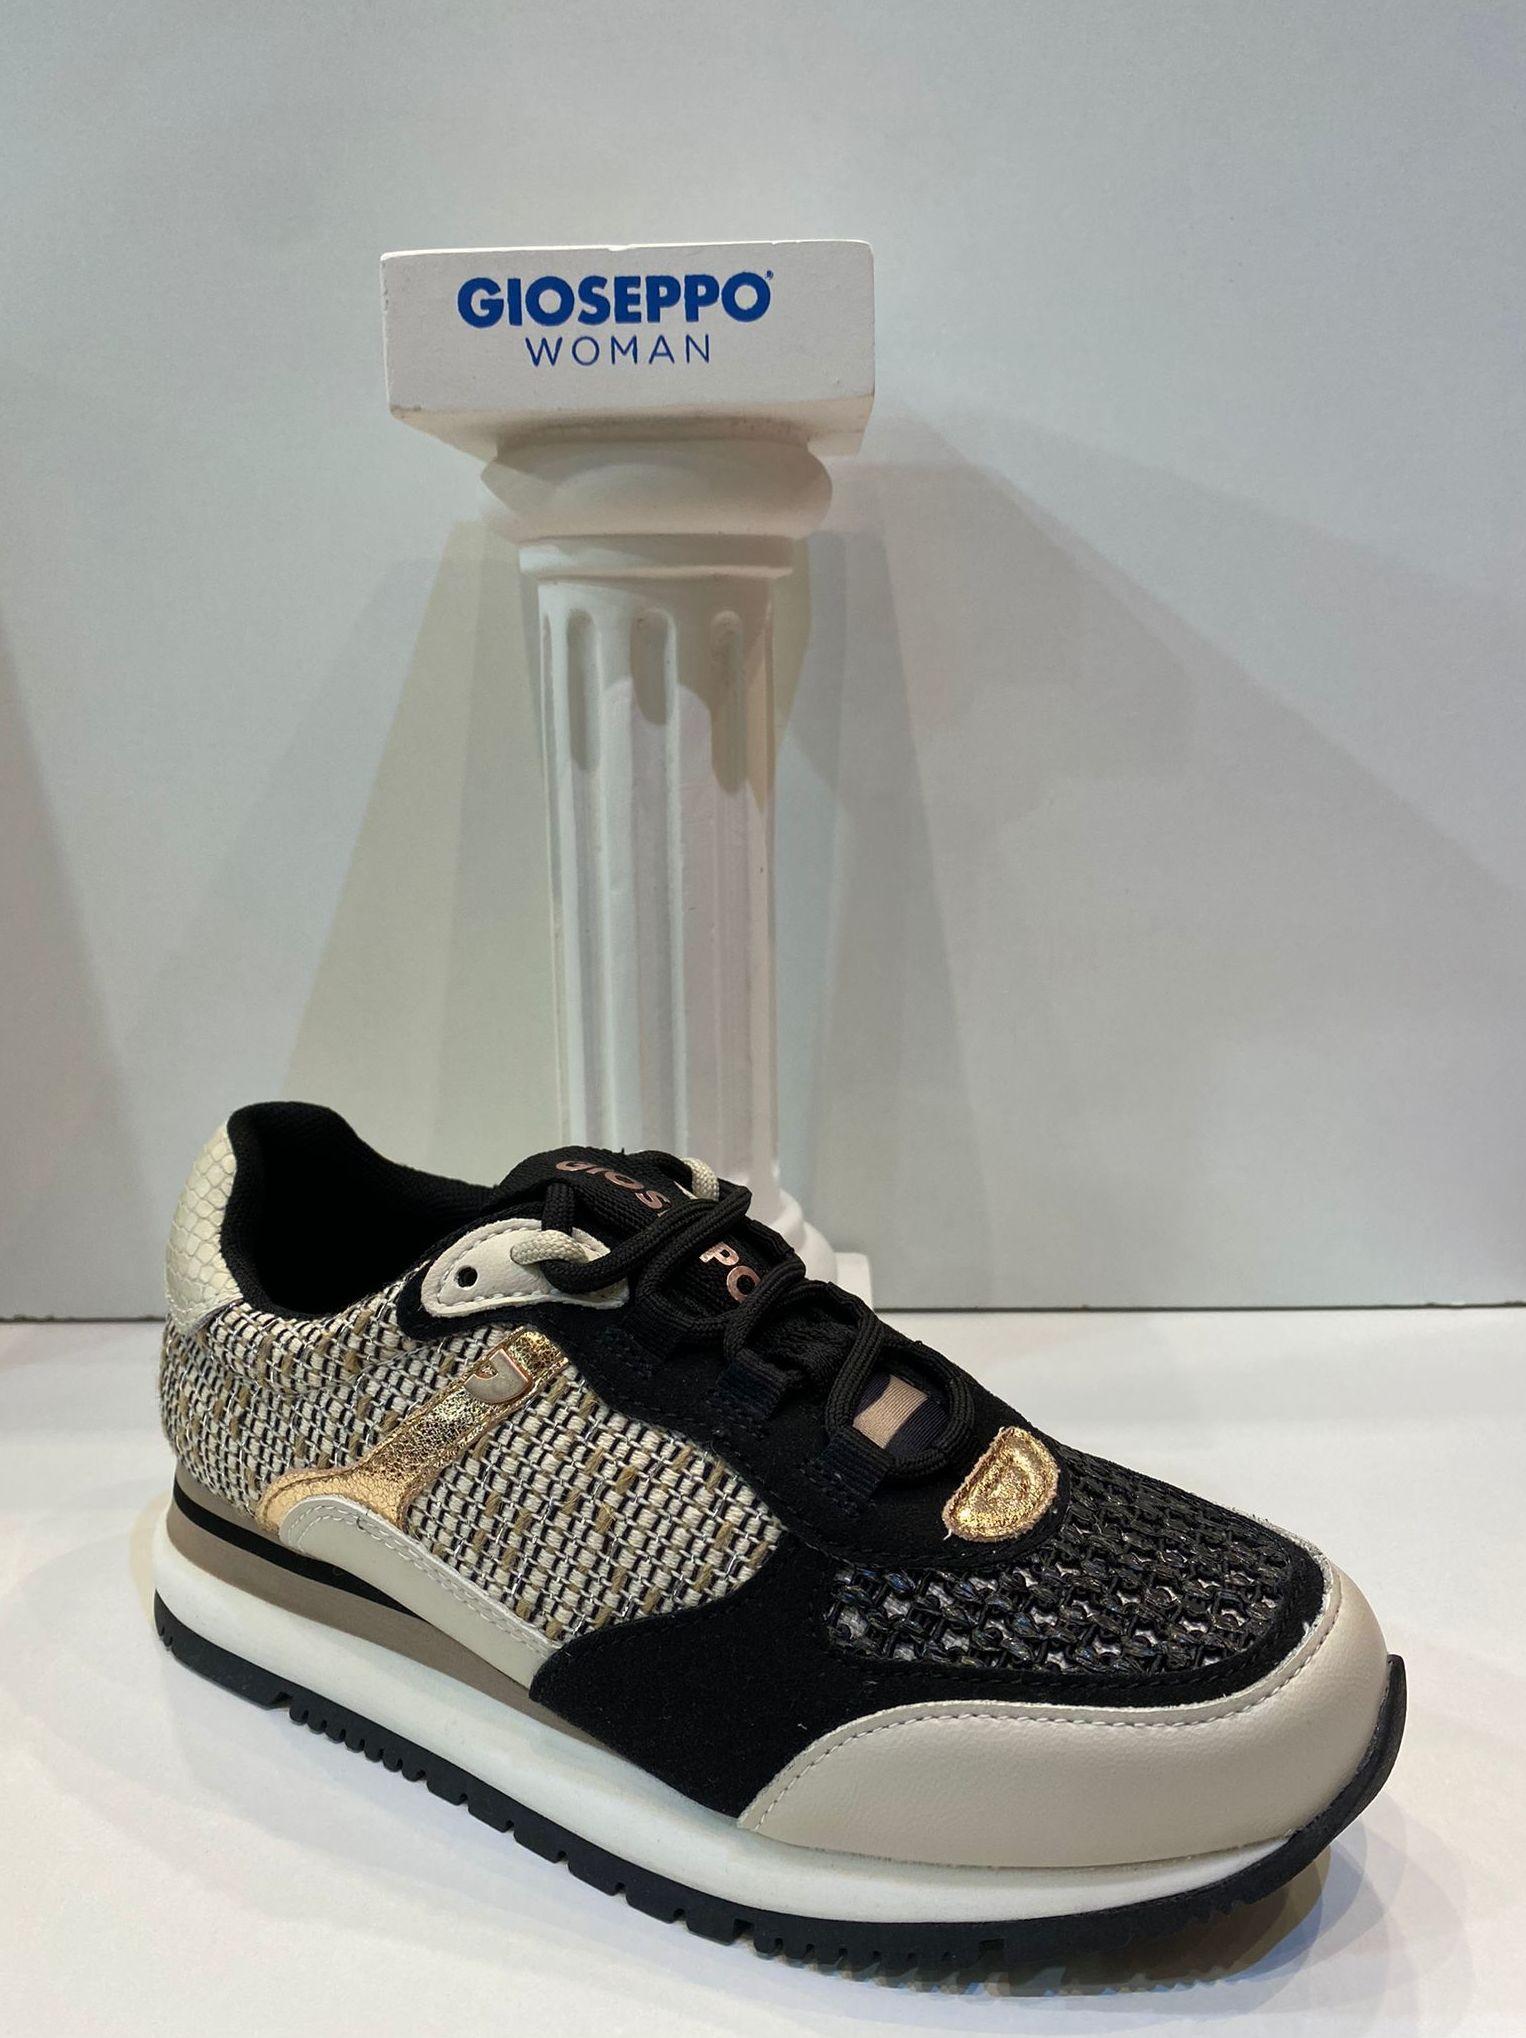 Sabata esportiva de dona, de la marca Gioseppo, ample especial, adaptable a plantilles ortopèdiques 64.95€